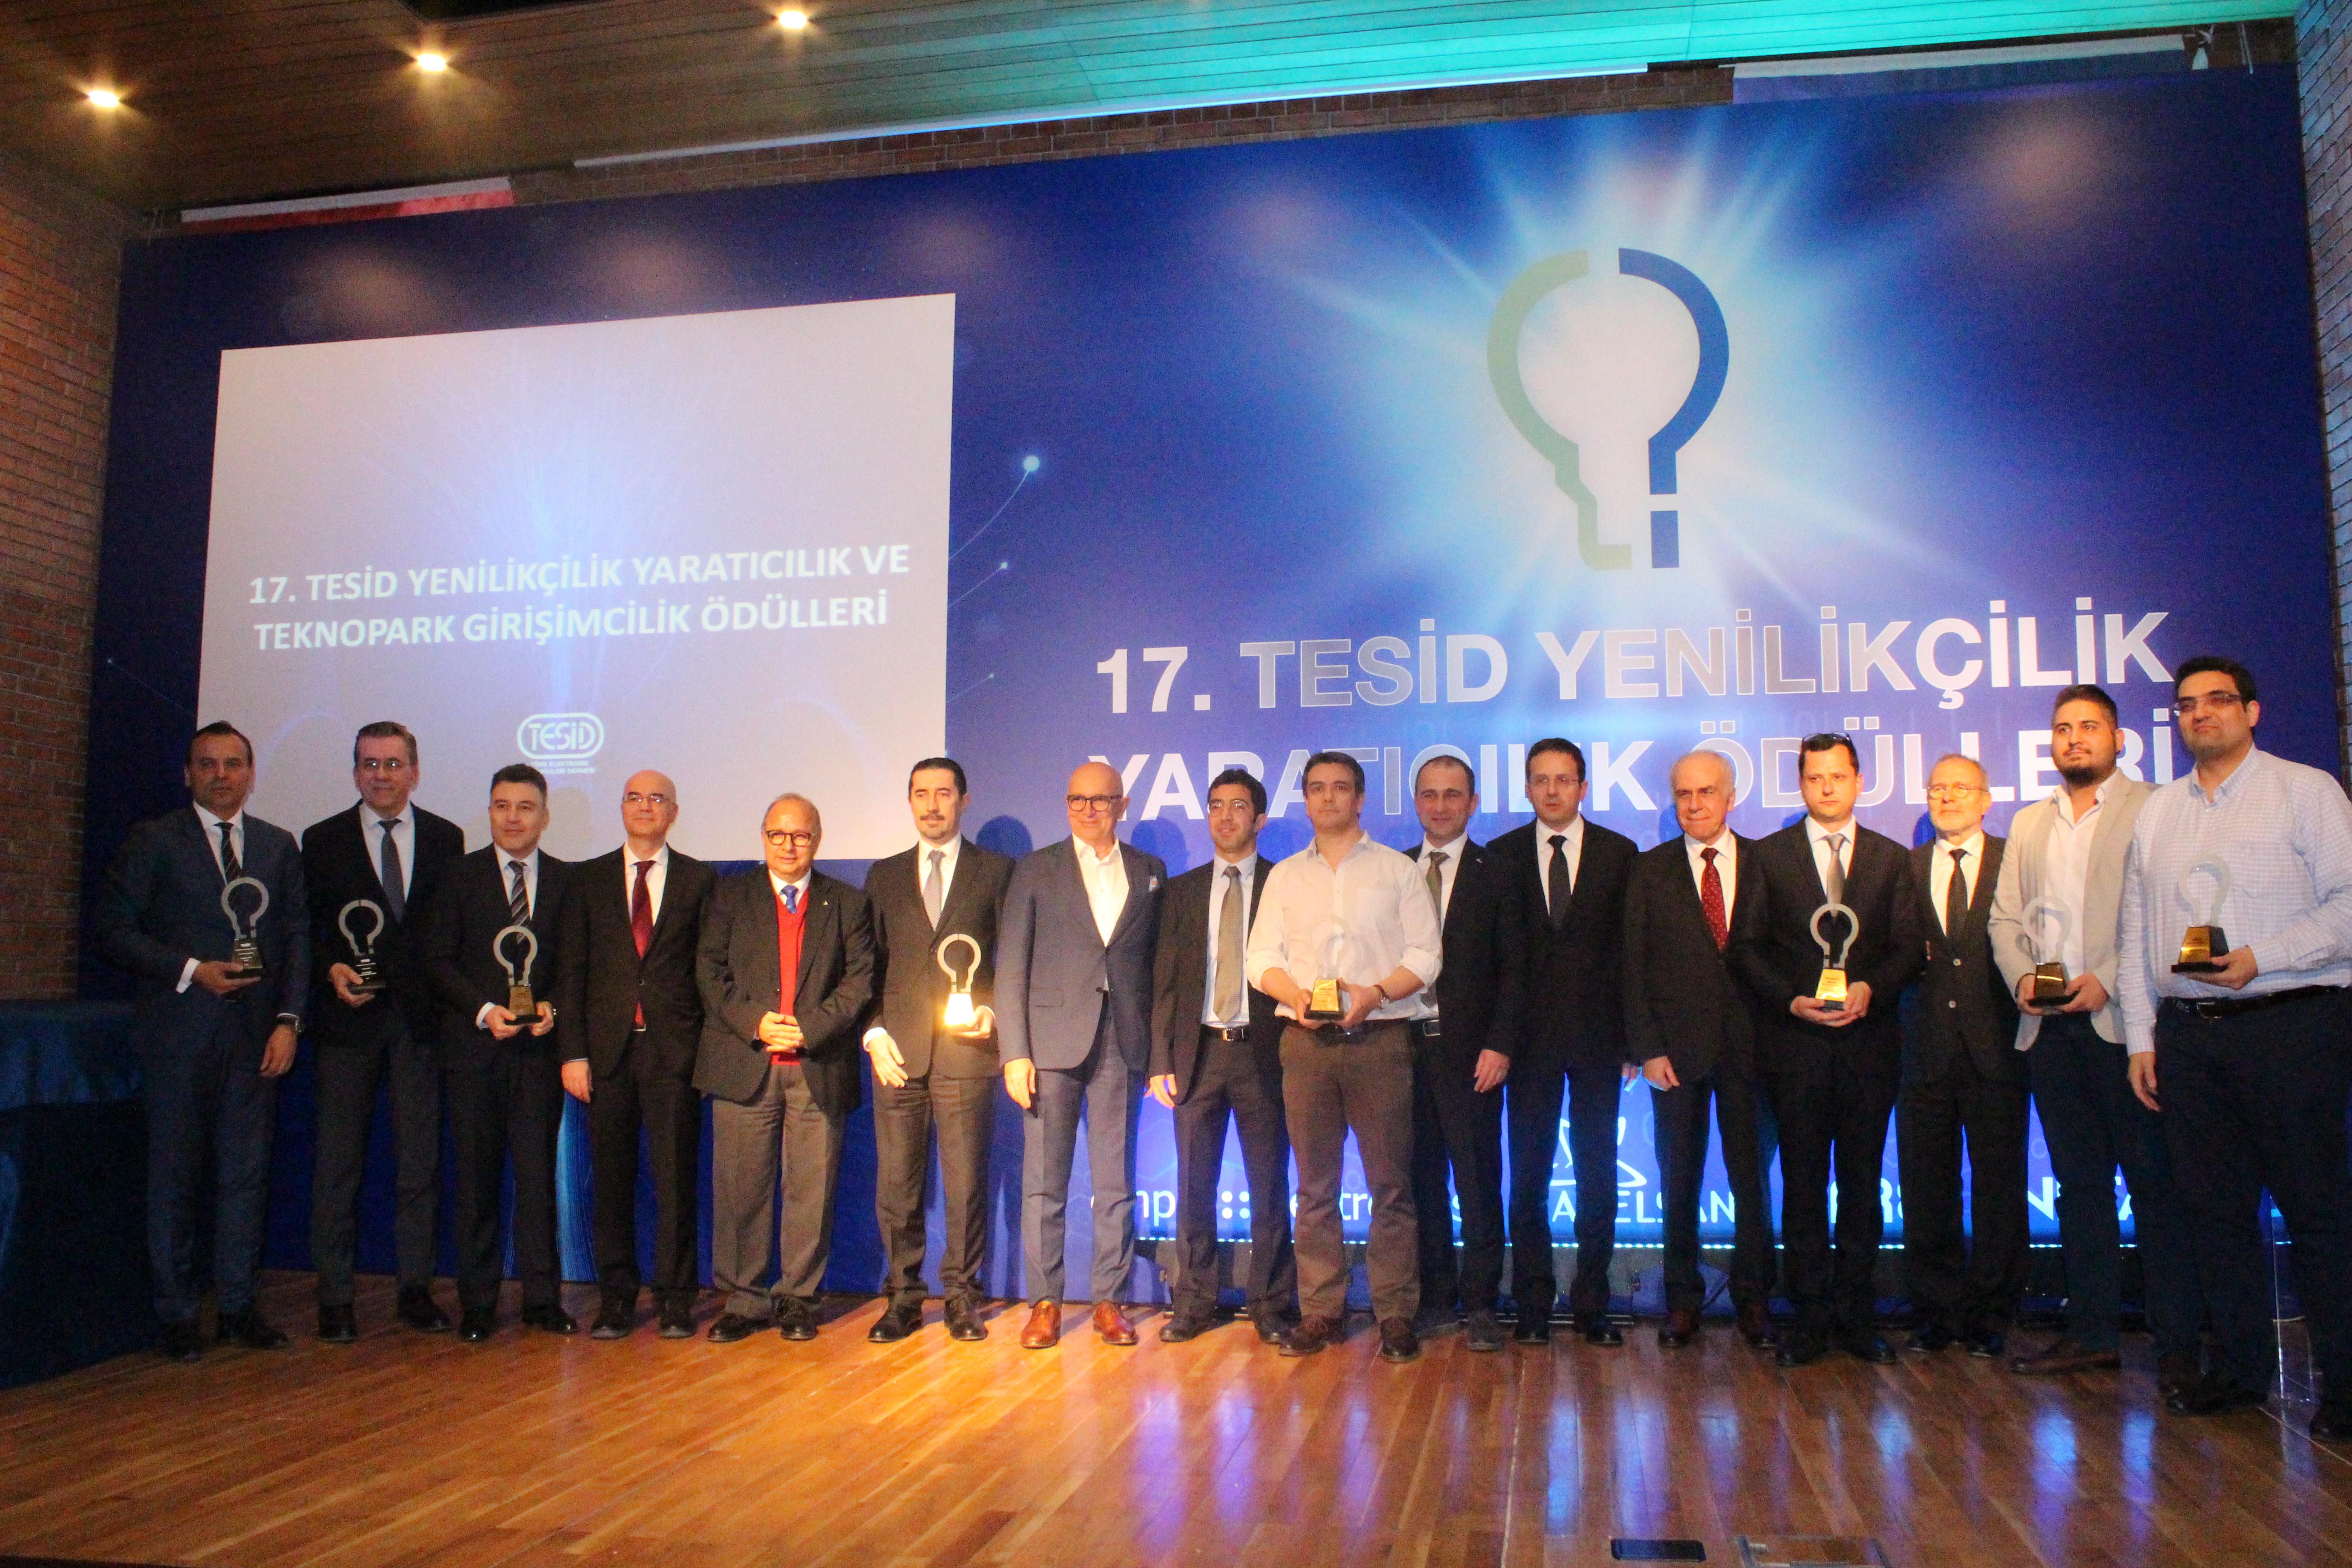 17. TESİD Yenilikçilik Yaratıcılık Ödülleri Verildi